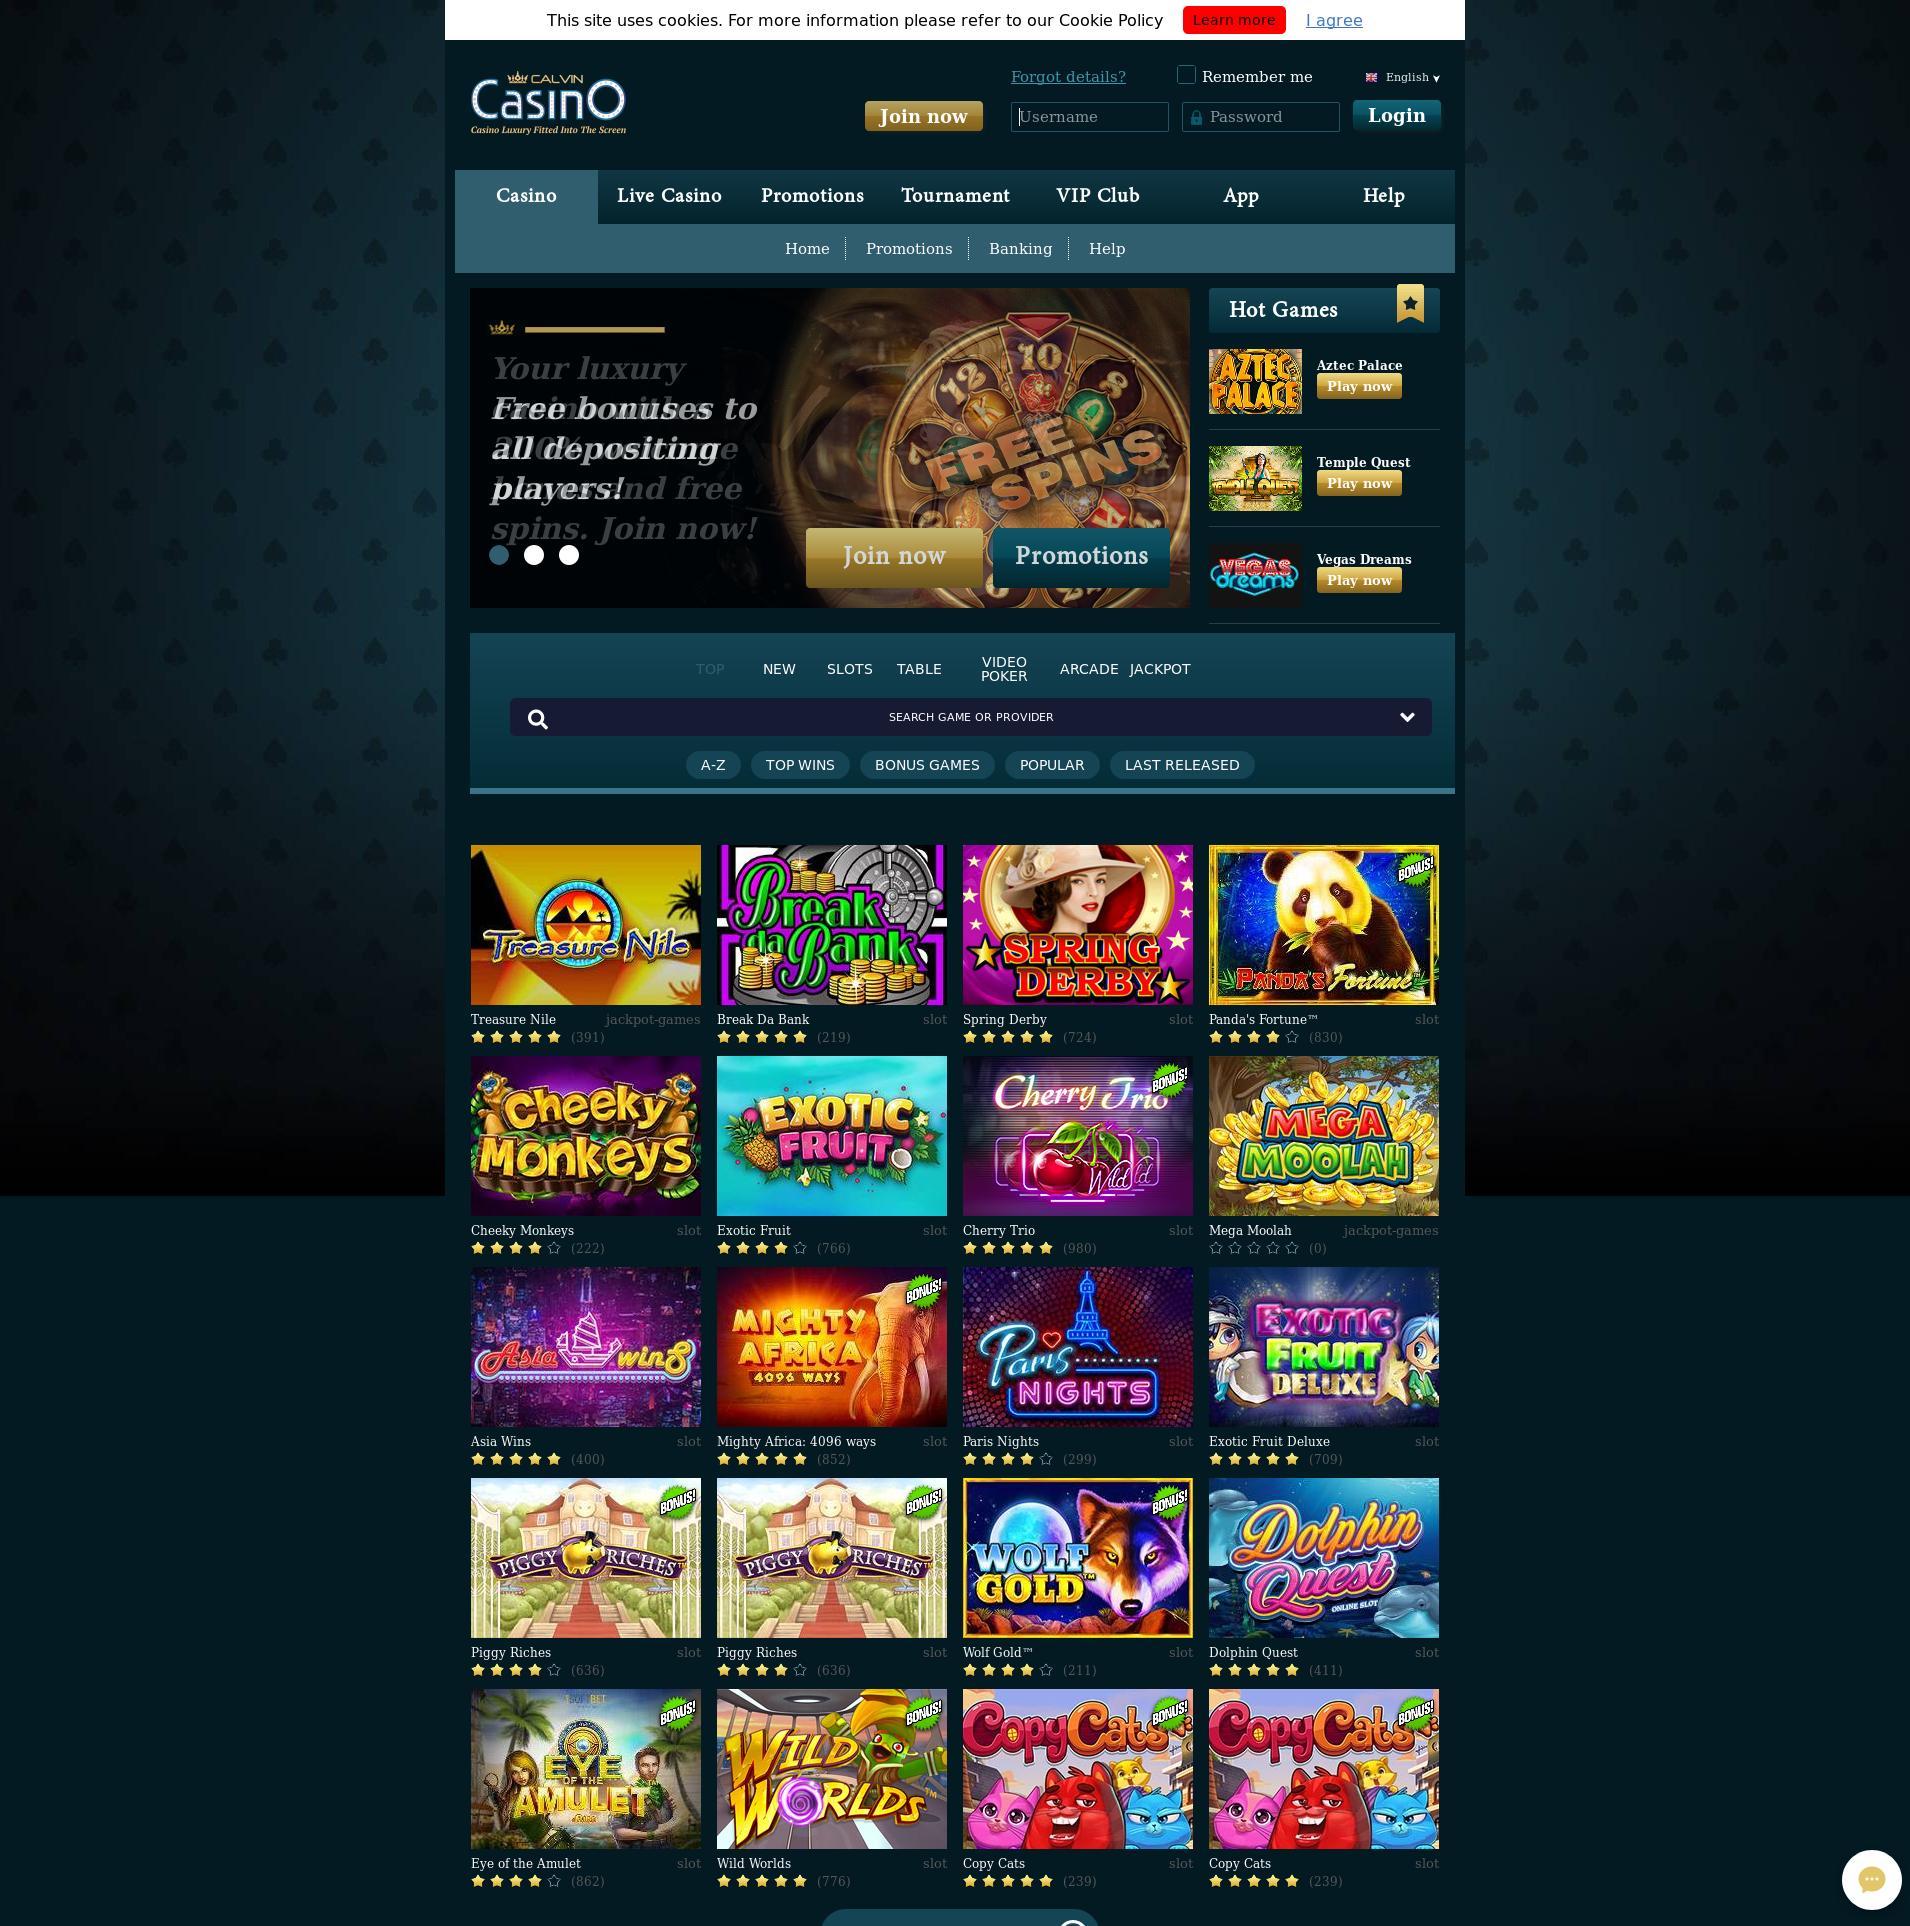 Casino Bildschirm Lobby 2019-09-15 zum Deutschland